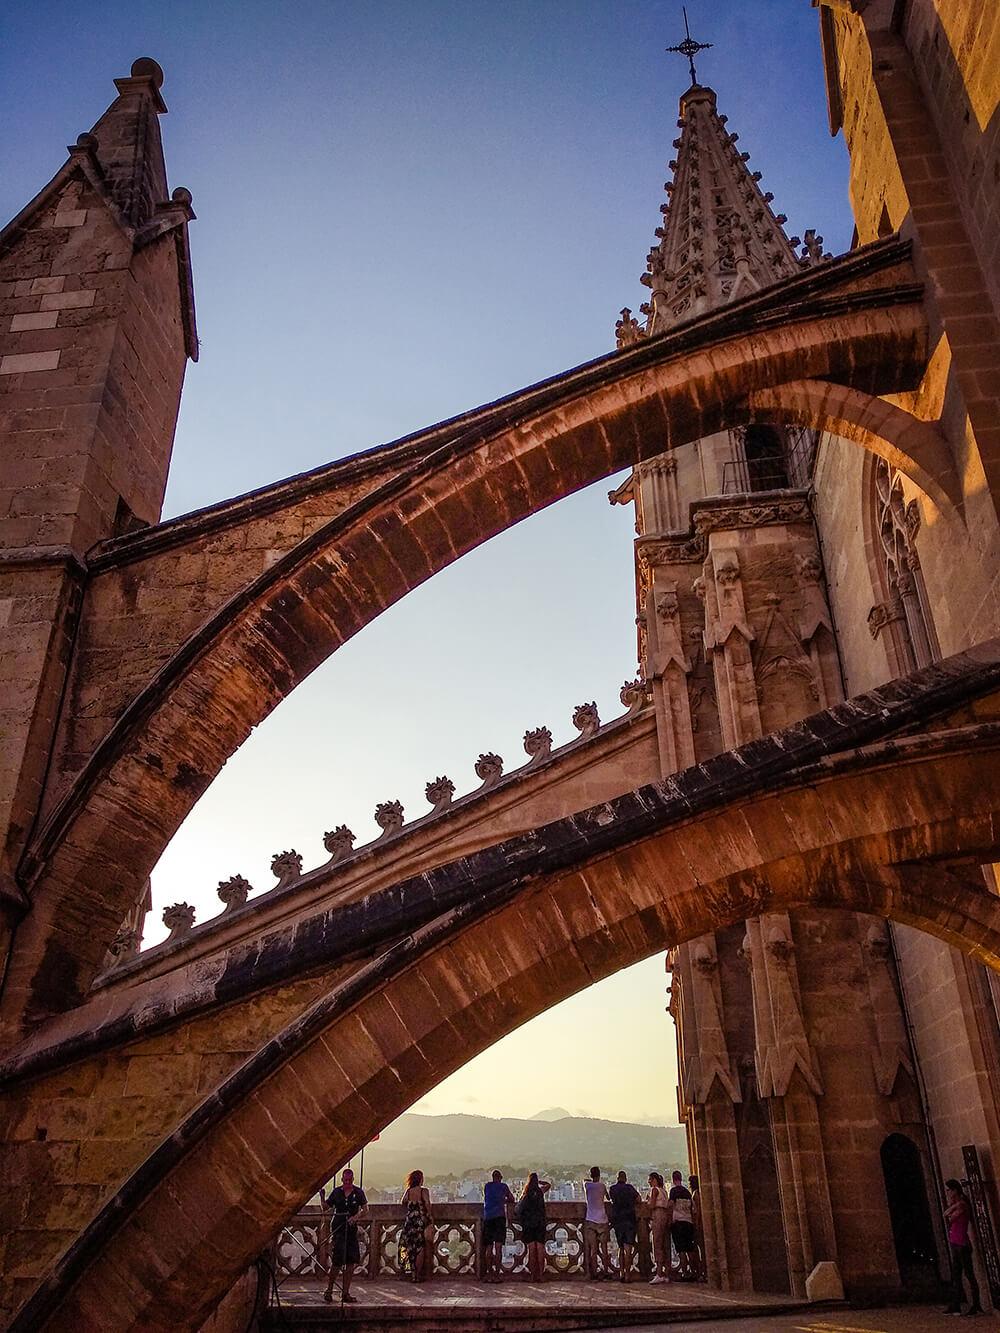 Palma-de-Mallorca-Kathedrale-La-Seu-Dach-17